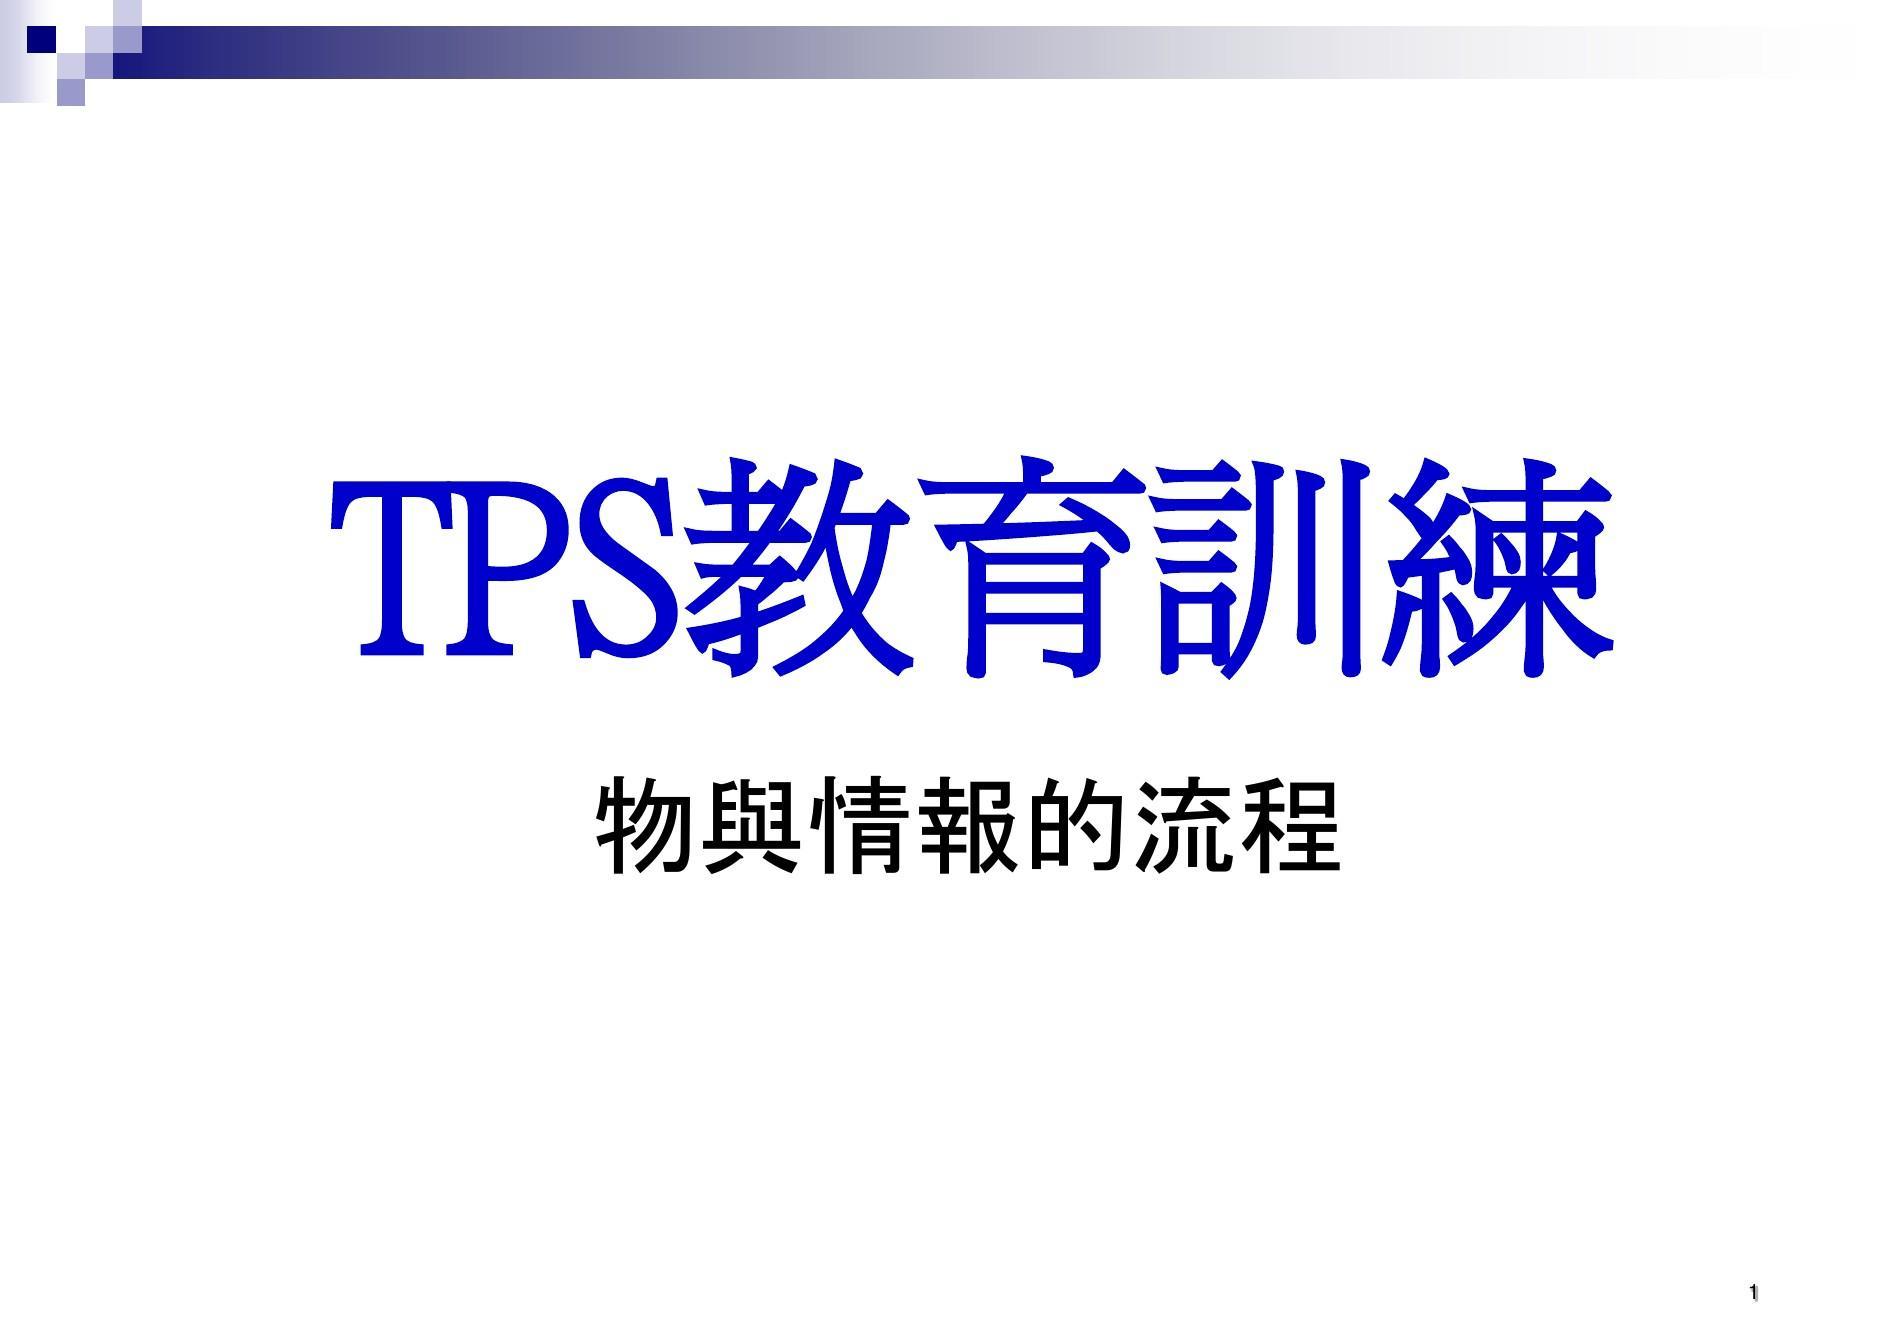 精益生产-物与情报流程图PPT